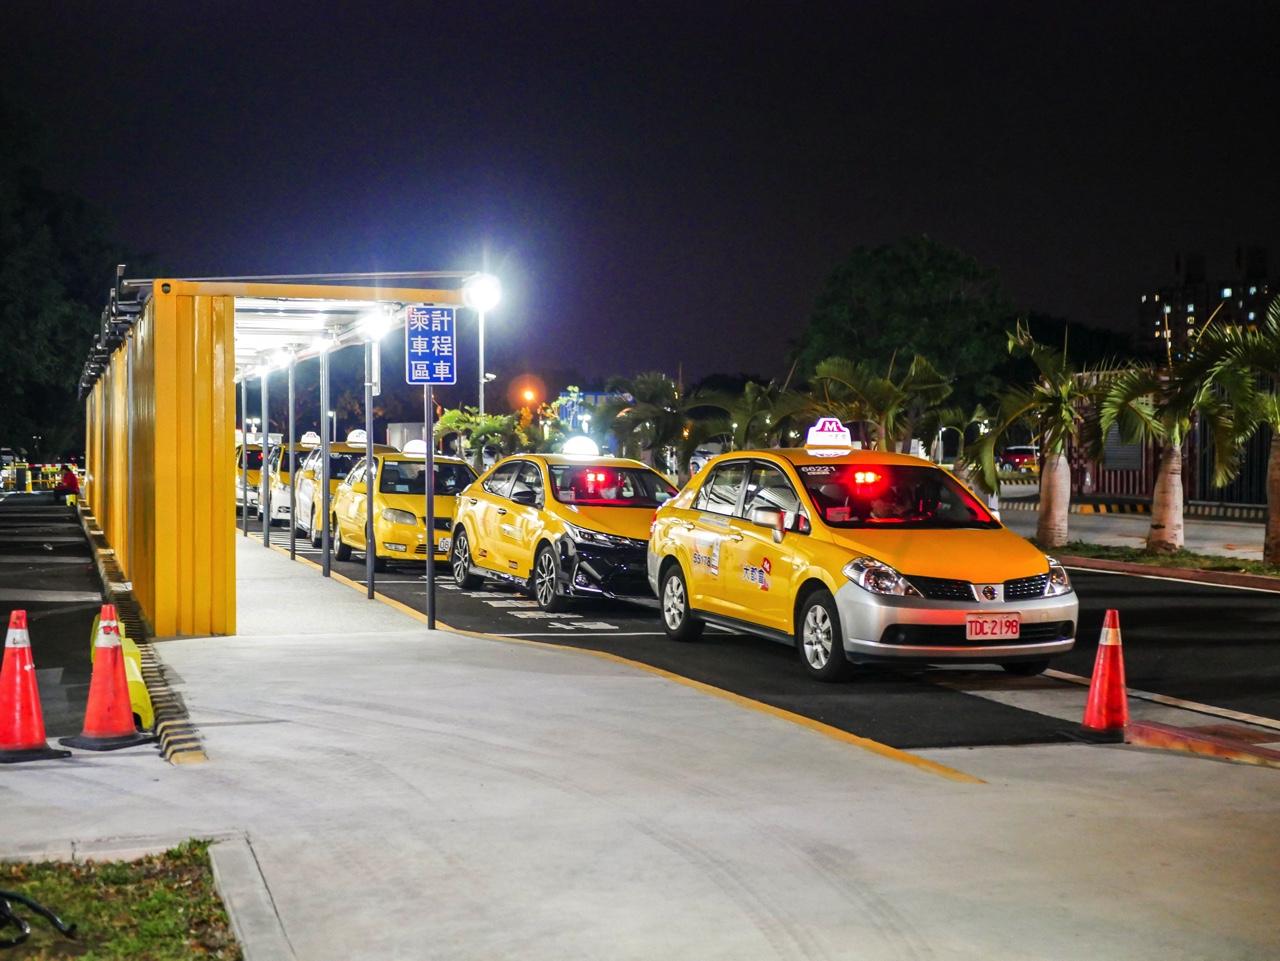 台南バスターミナル横のタクシー乗り場